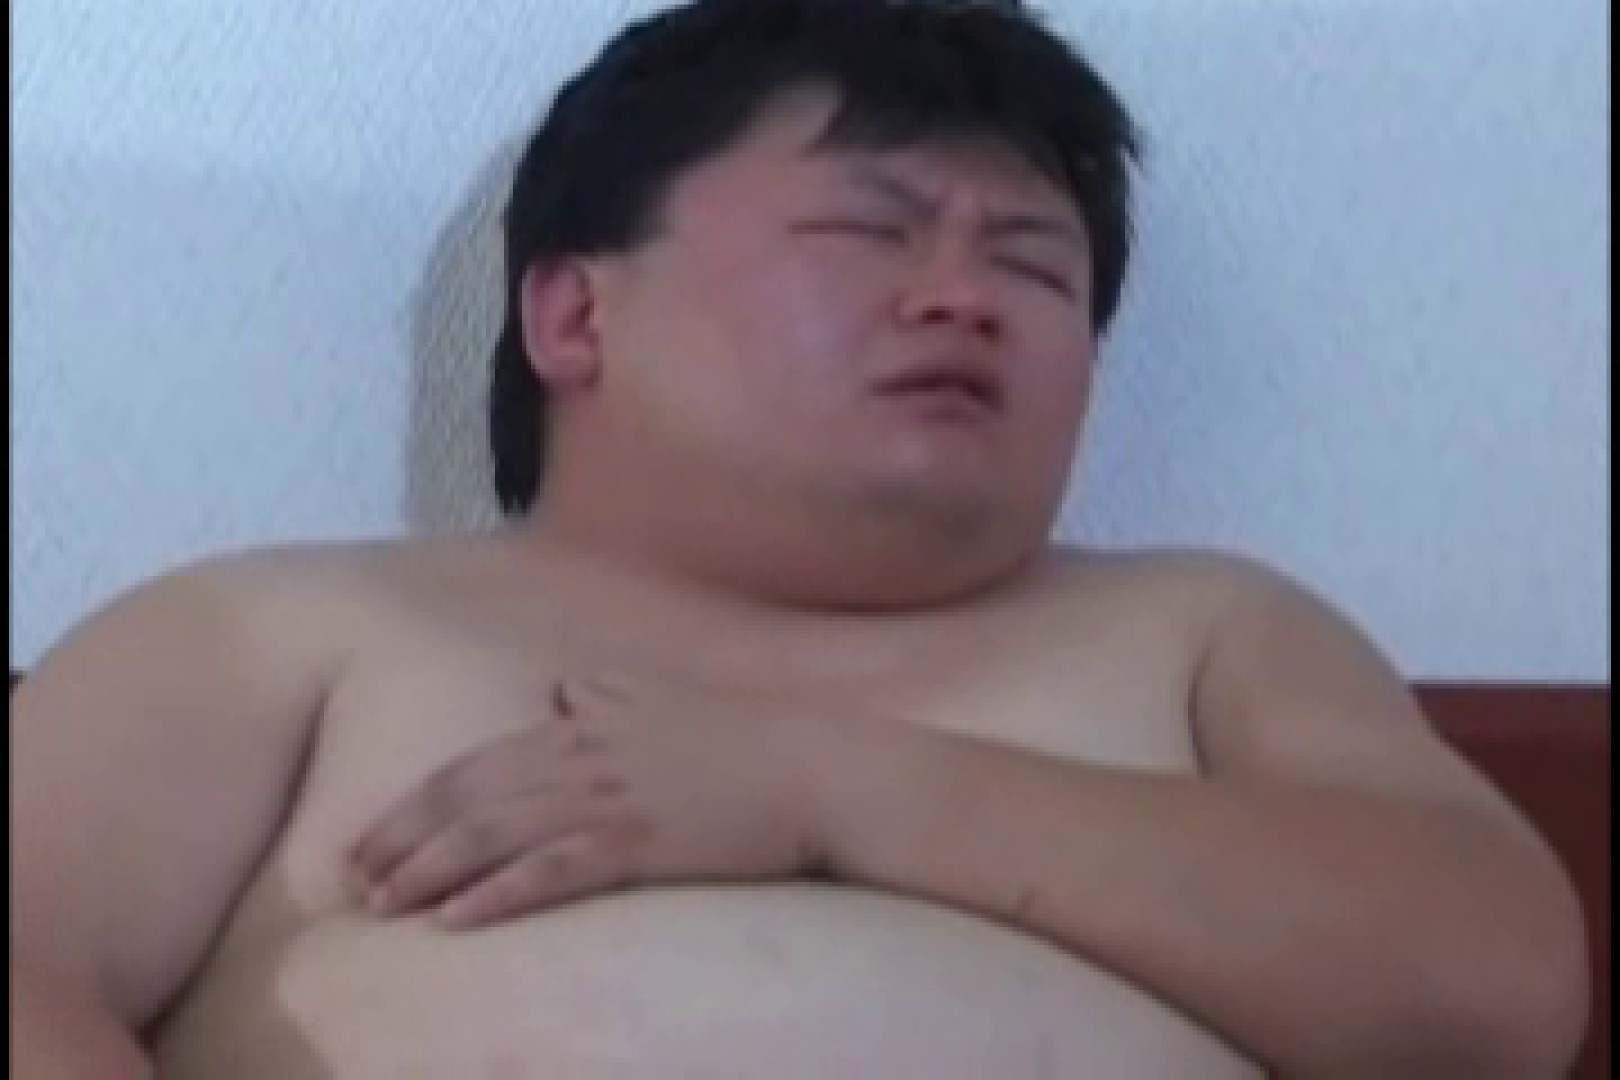 オデブなメガネ君のオナ&アナル攻め! 仰天アナル ゲイ無修正ビデオ画像 68pic 12